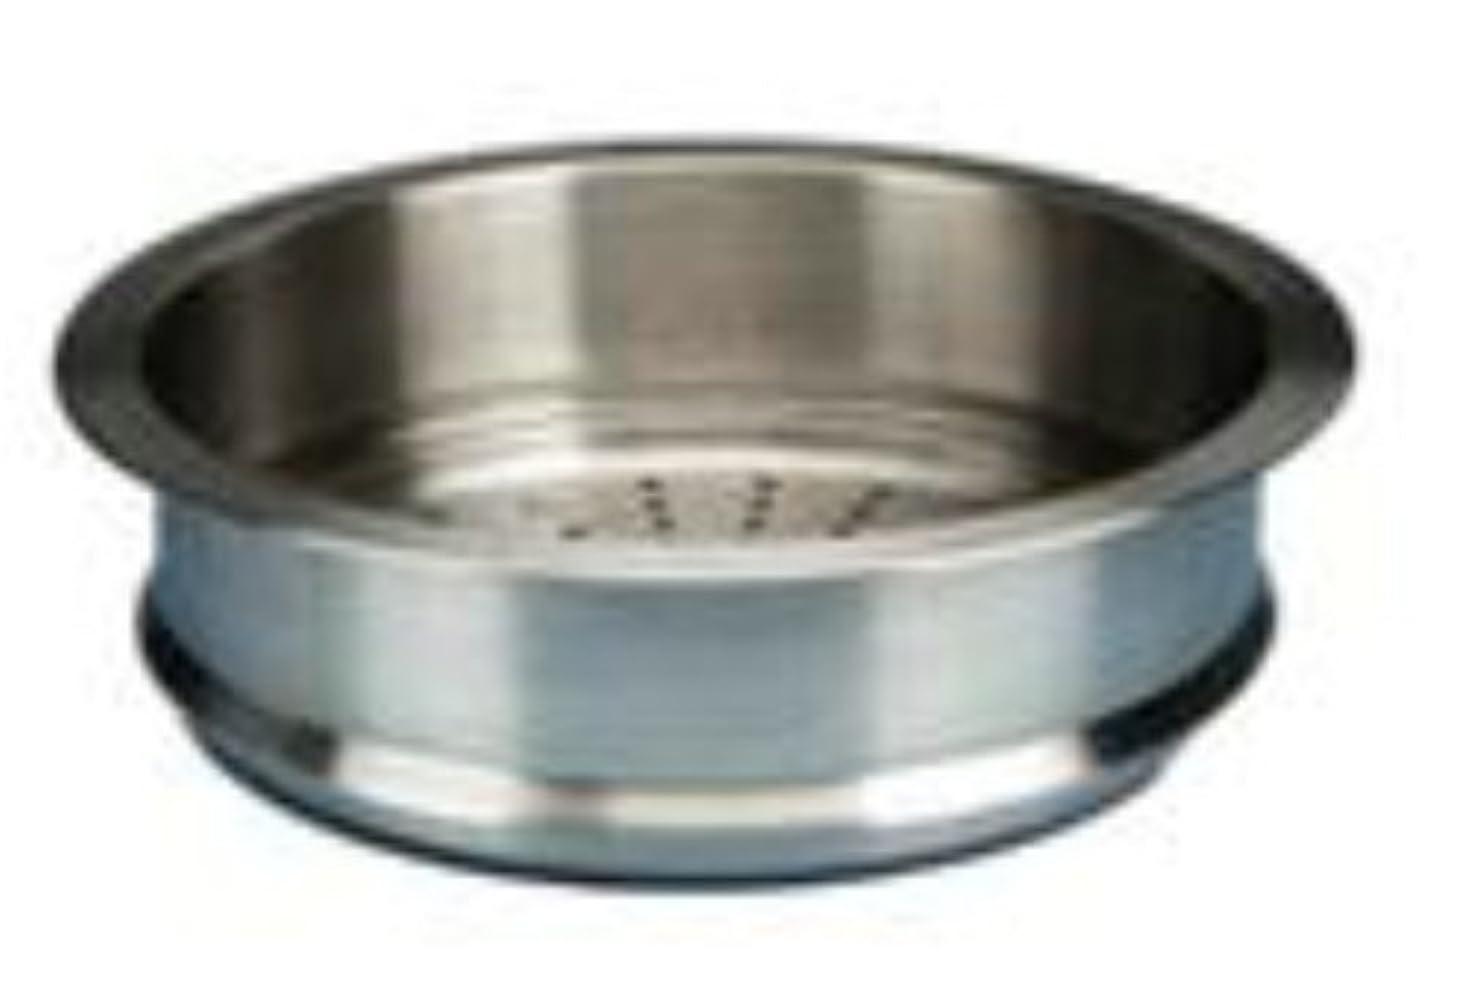 ヶ月目流出カブルクルーゼ スチーマー 蒸し器 ステンレス ココット ロンド 20cm用 940071-20